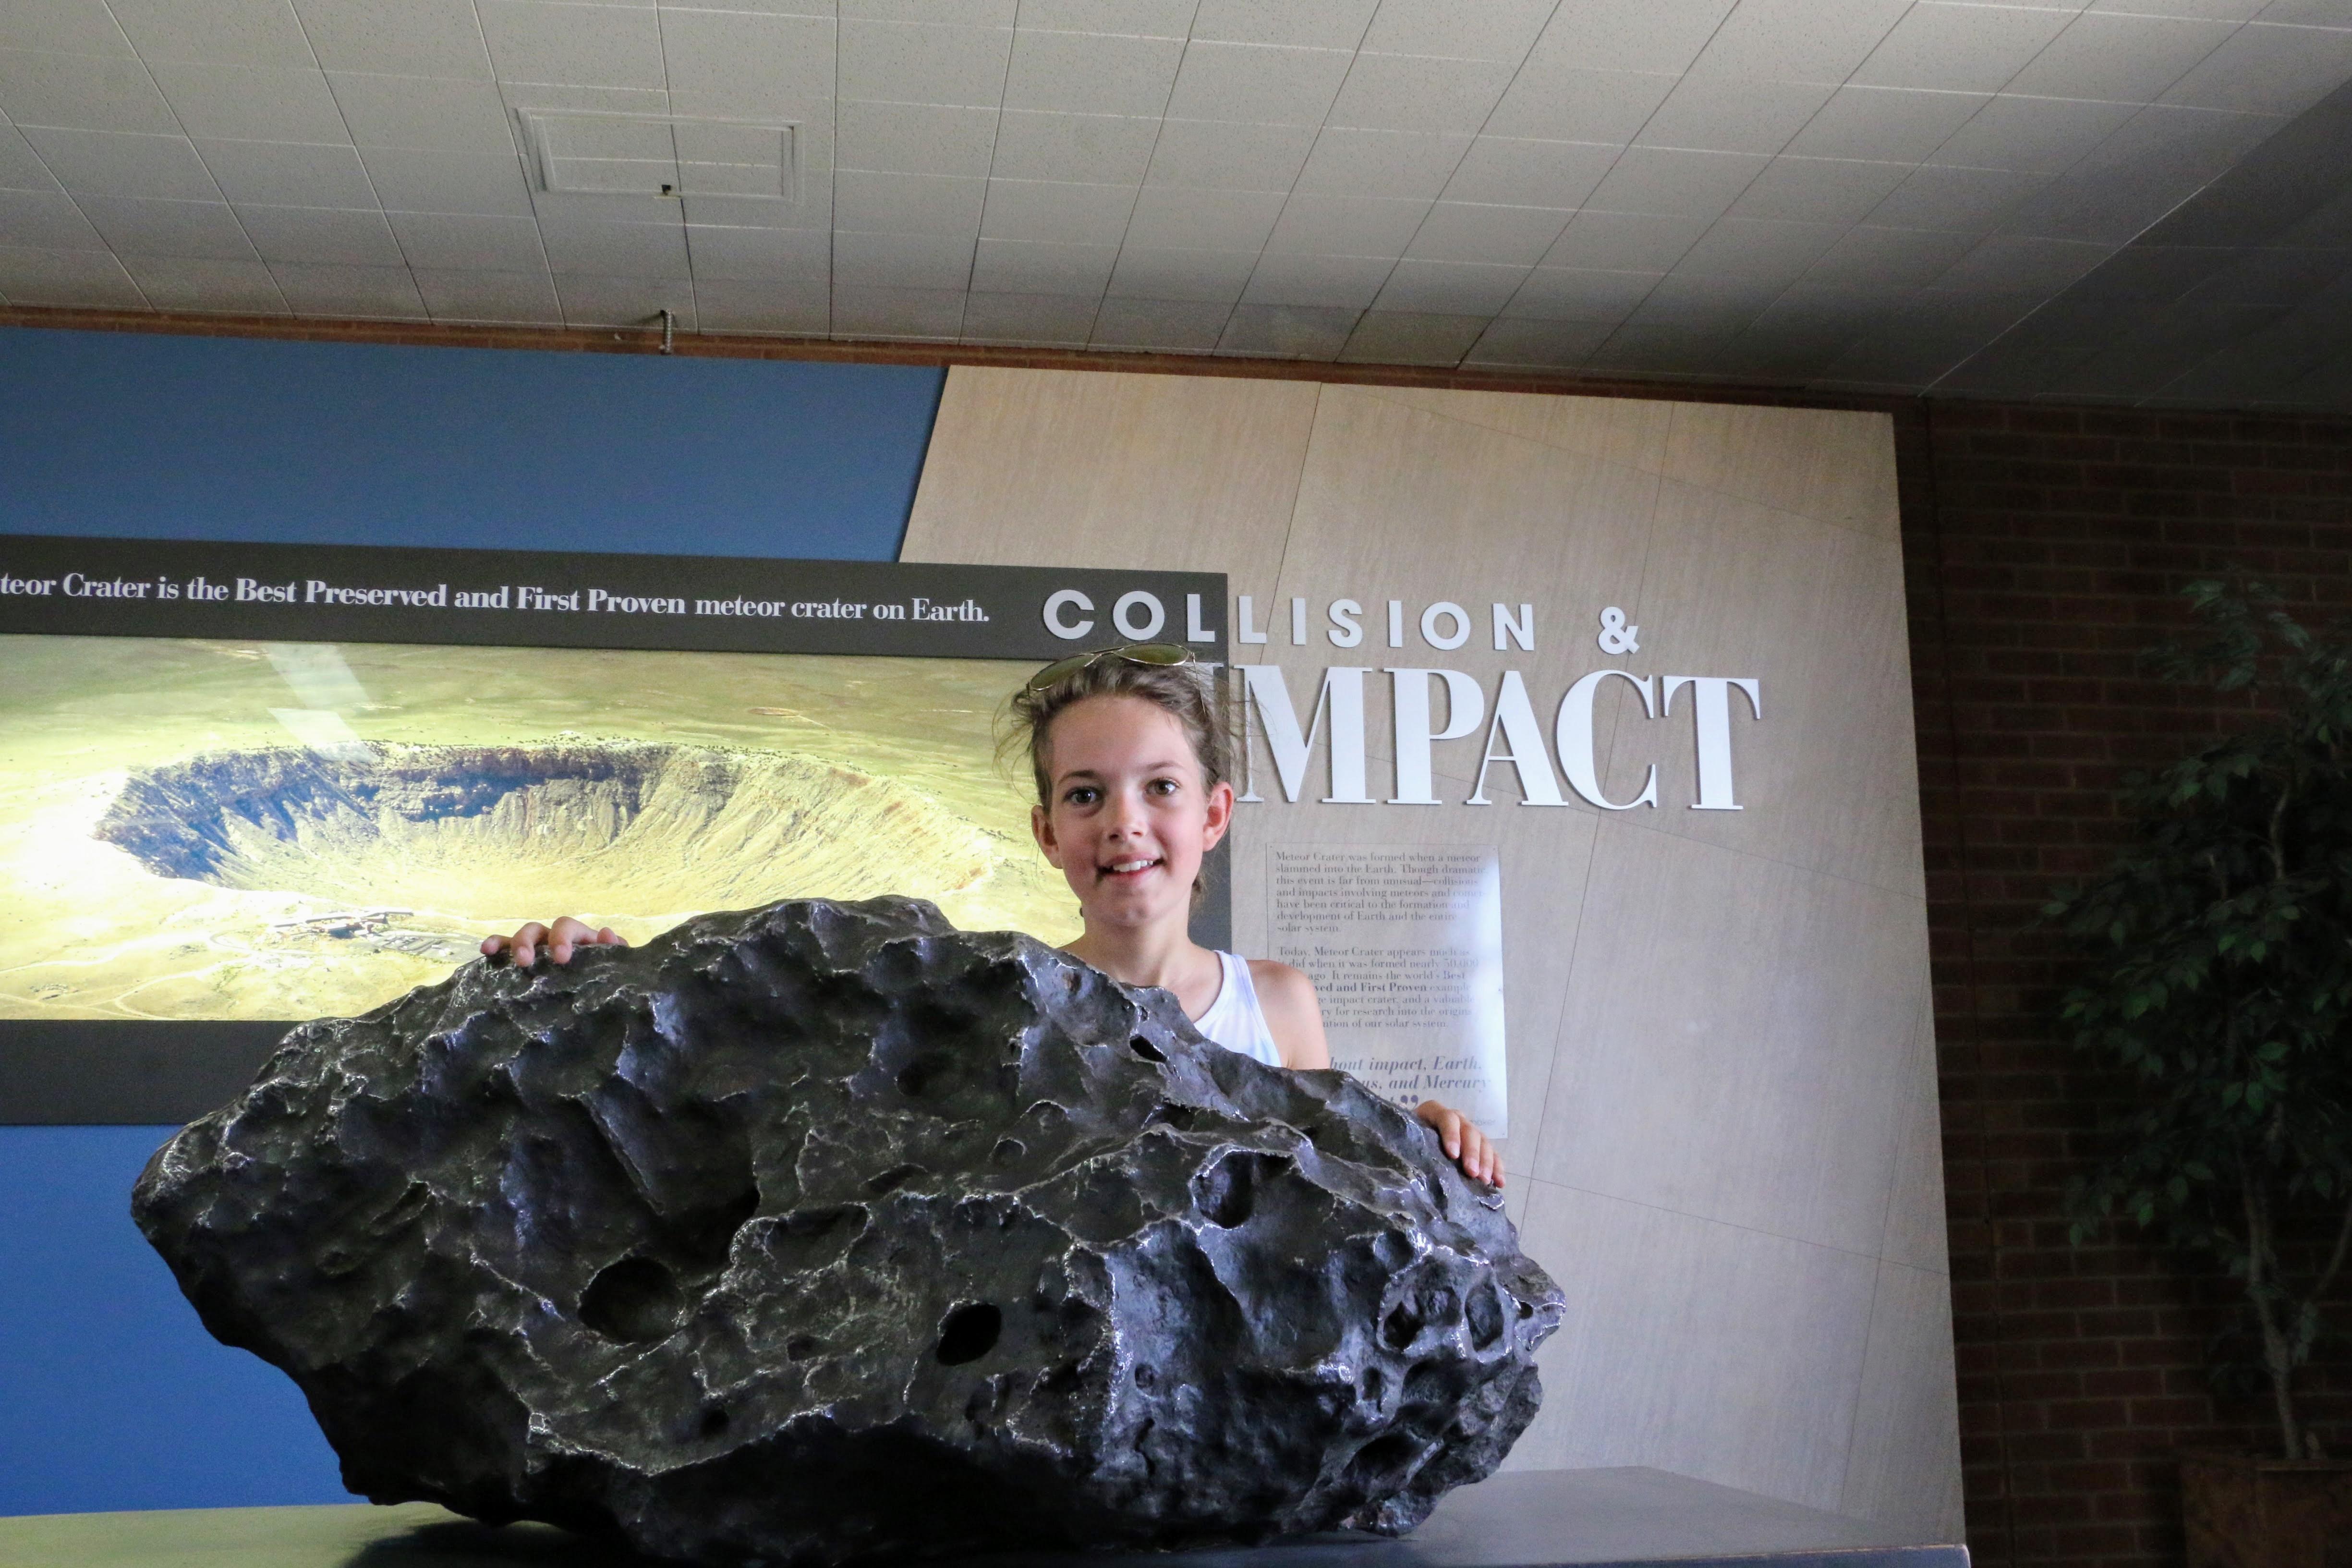 De grootste meteoriet